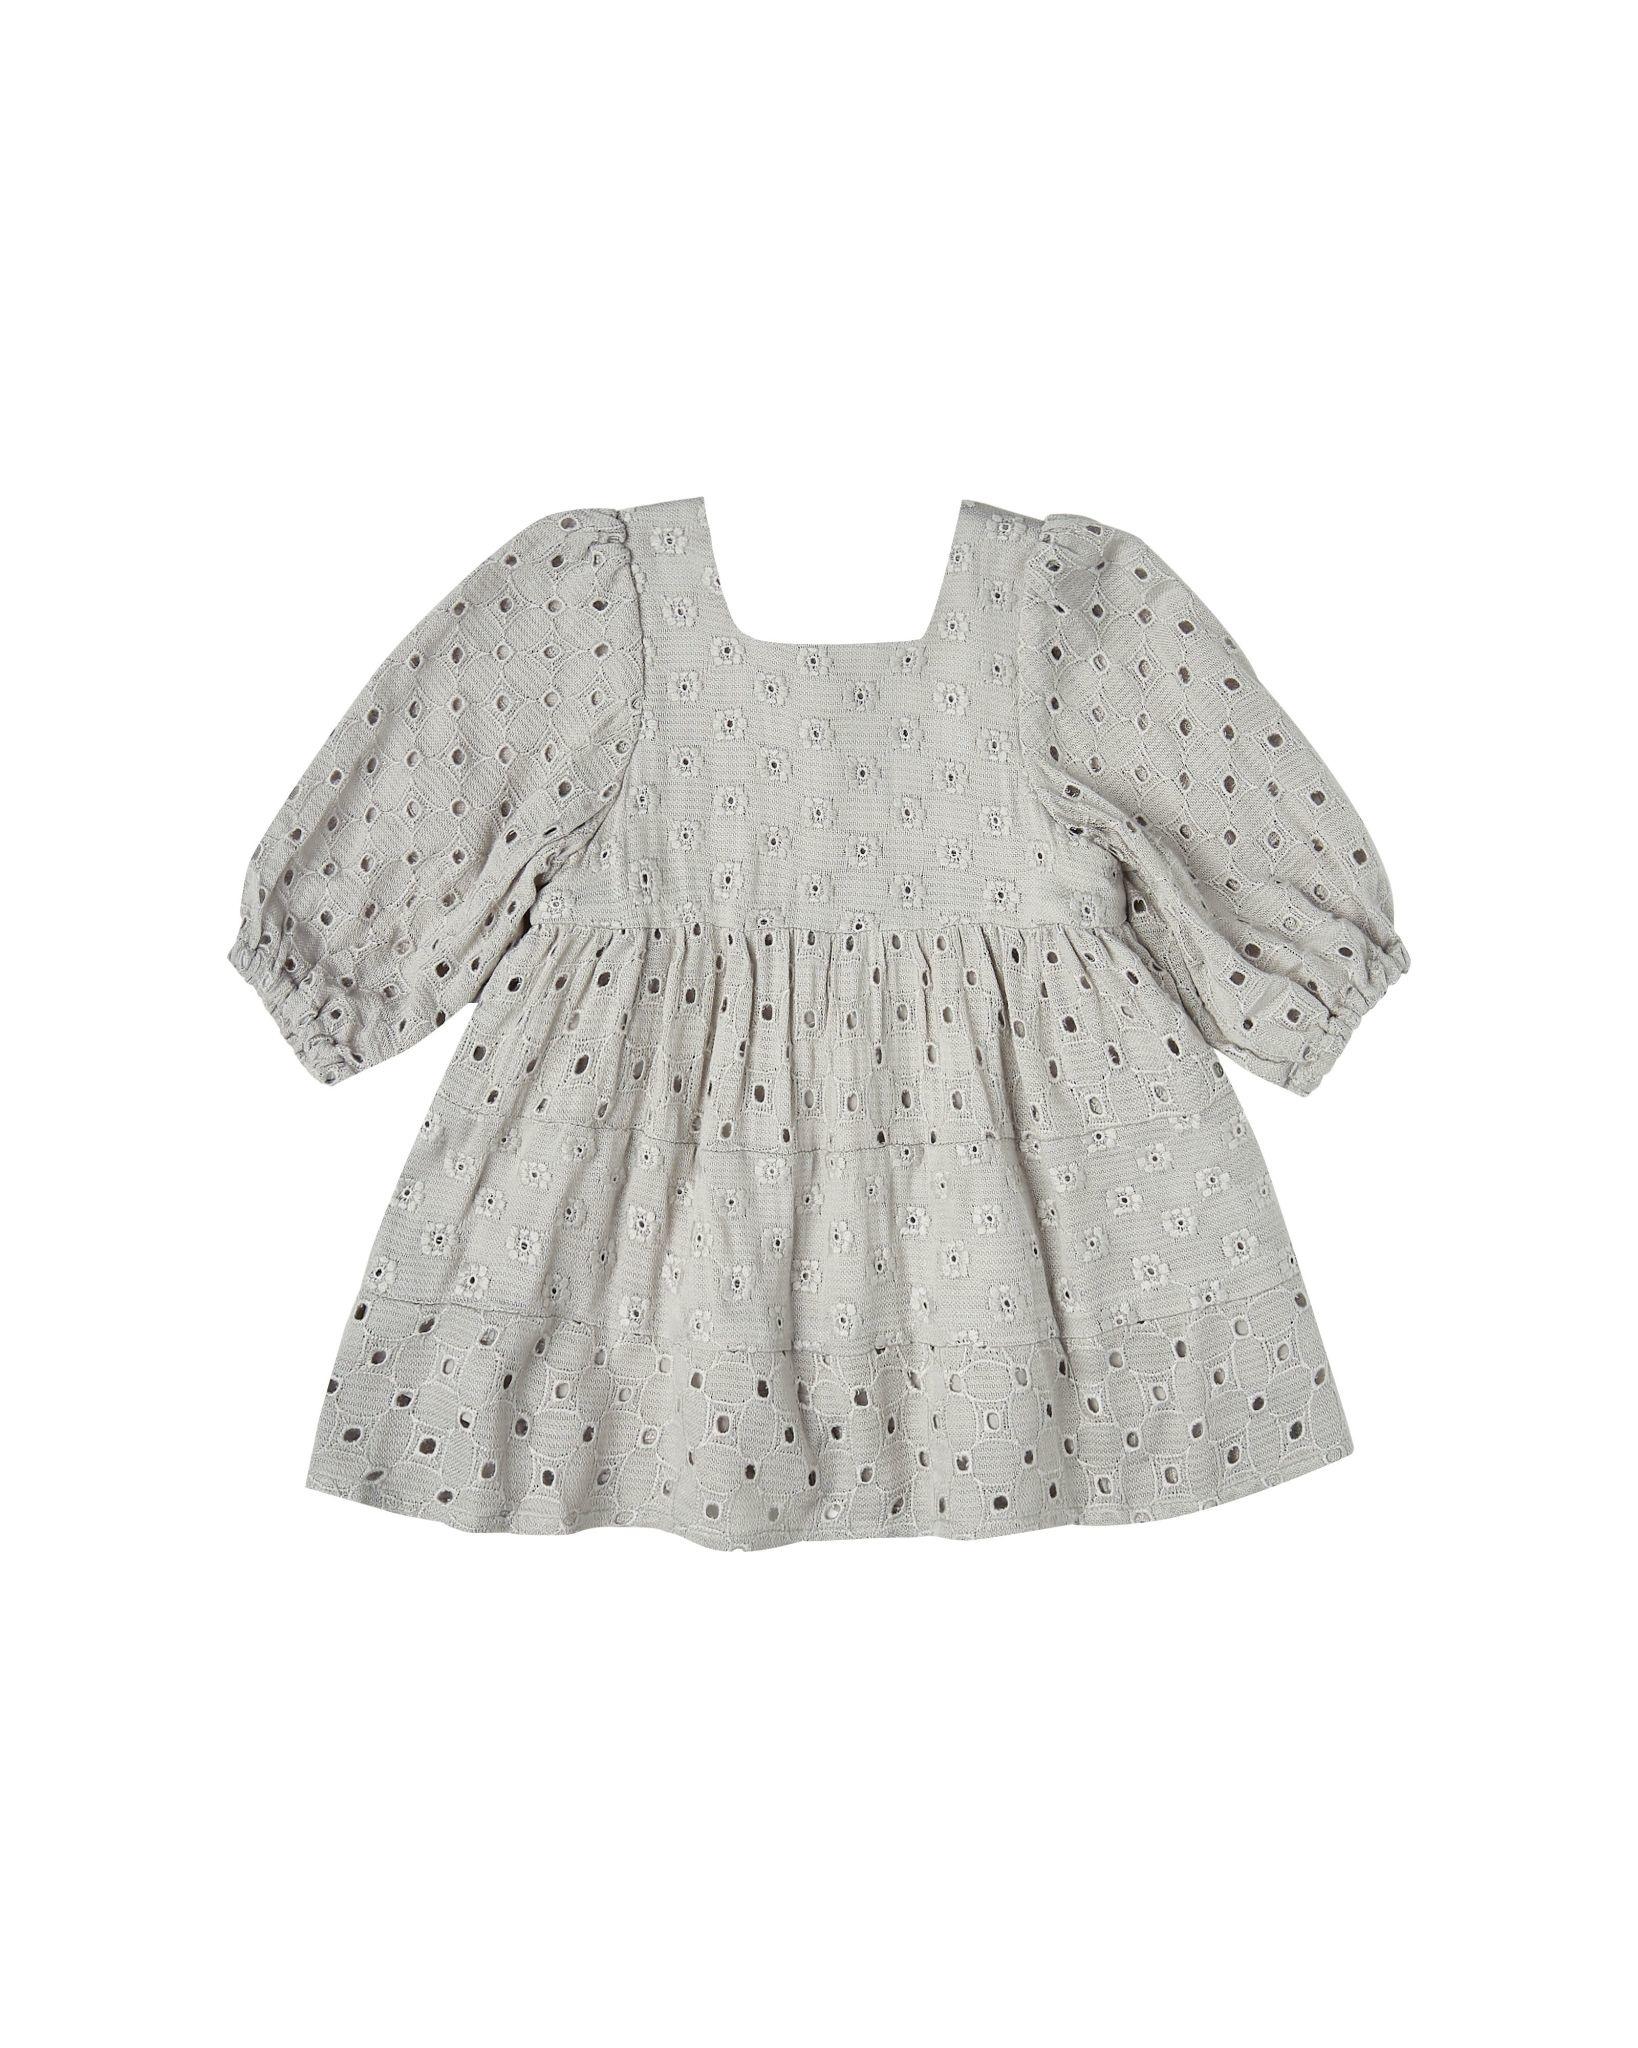 RYLEE AND CRU Gretta Babydoll Dress